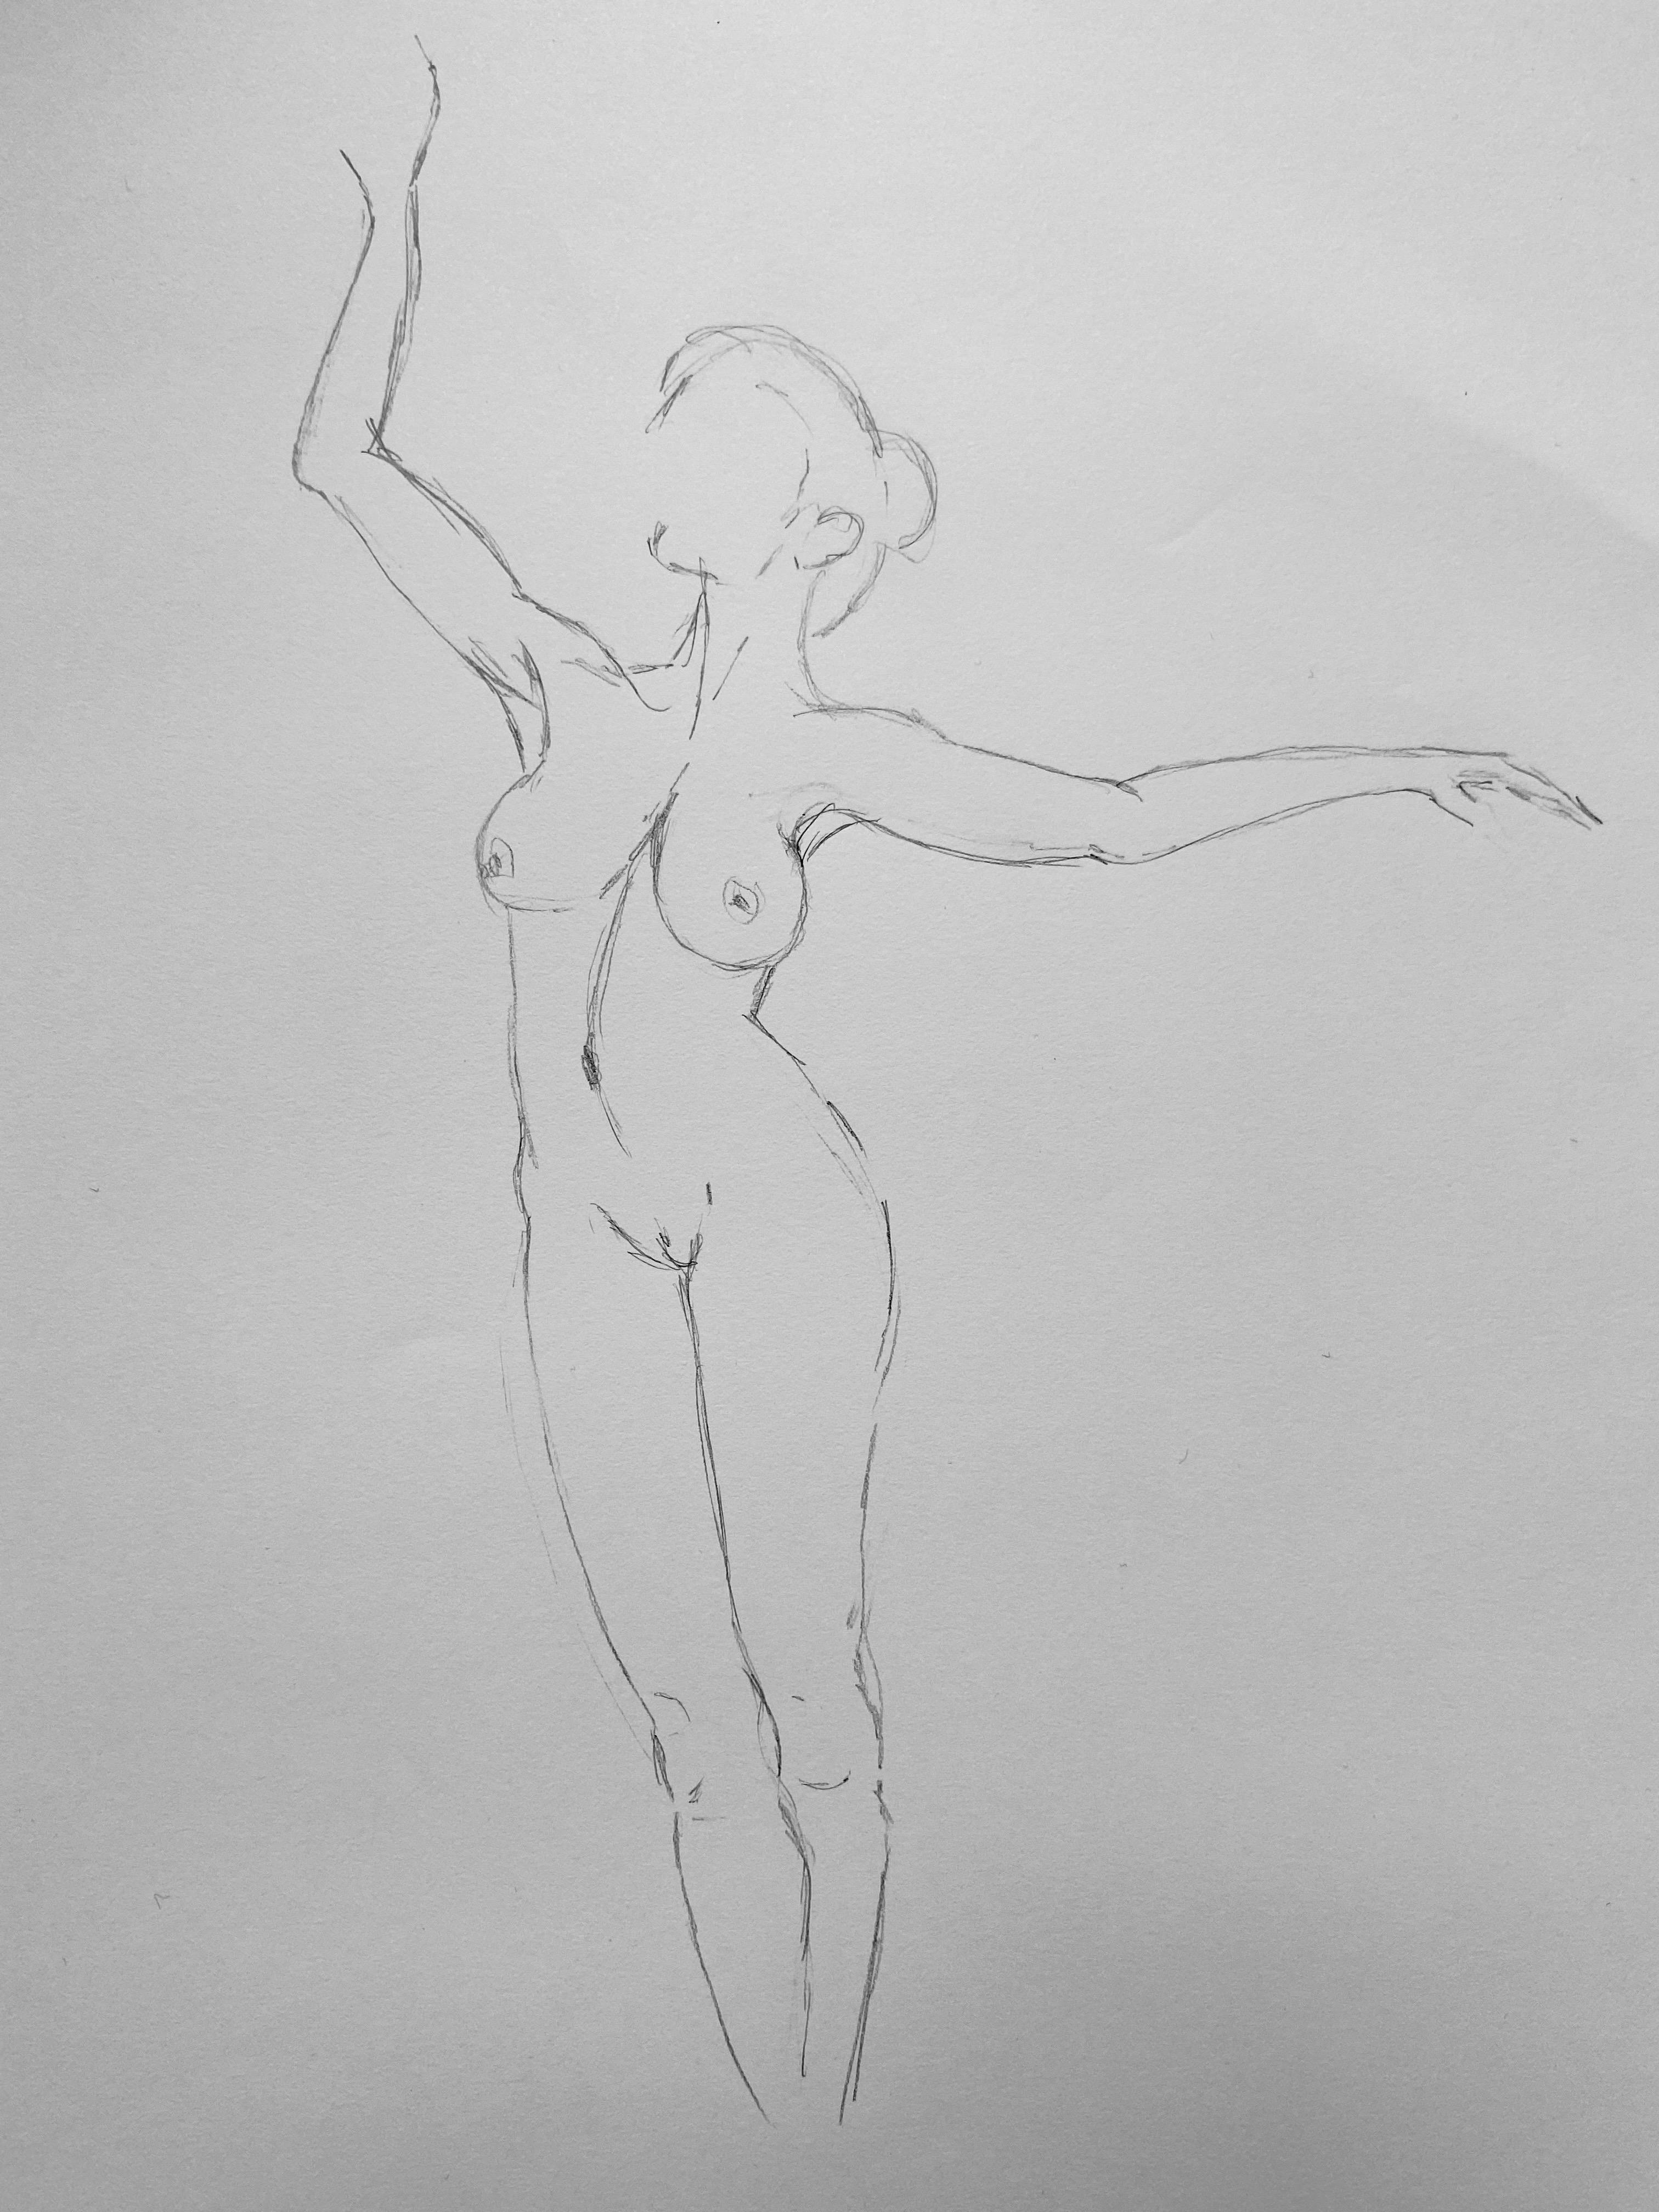 Dessin ligne danseuse face aux trait crayon papier  cours de dessin